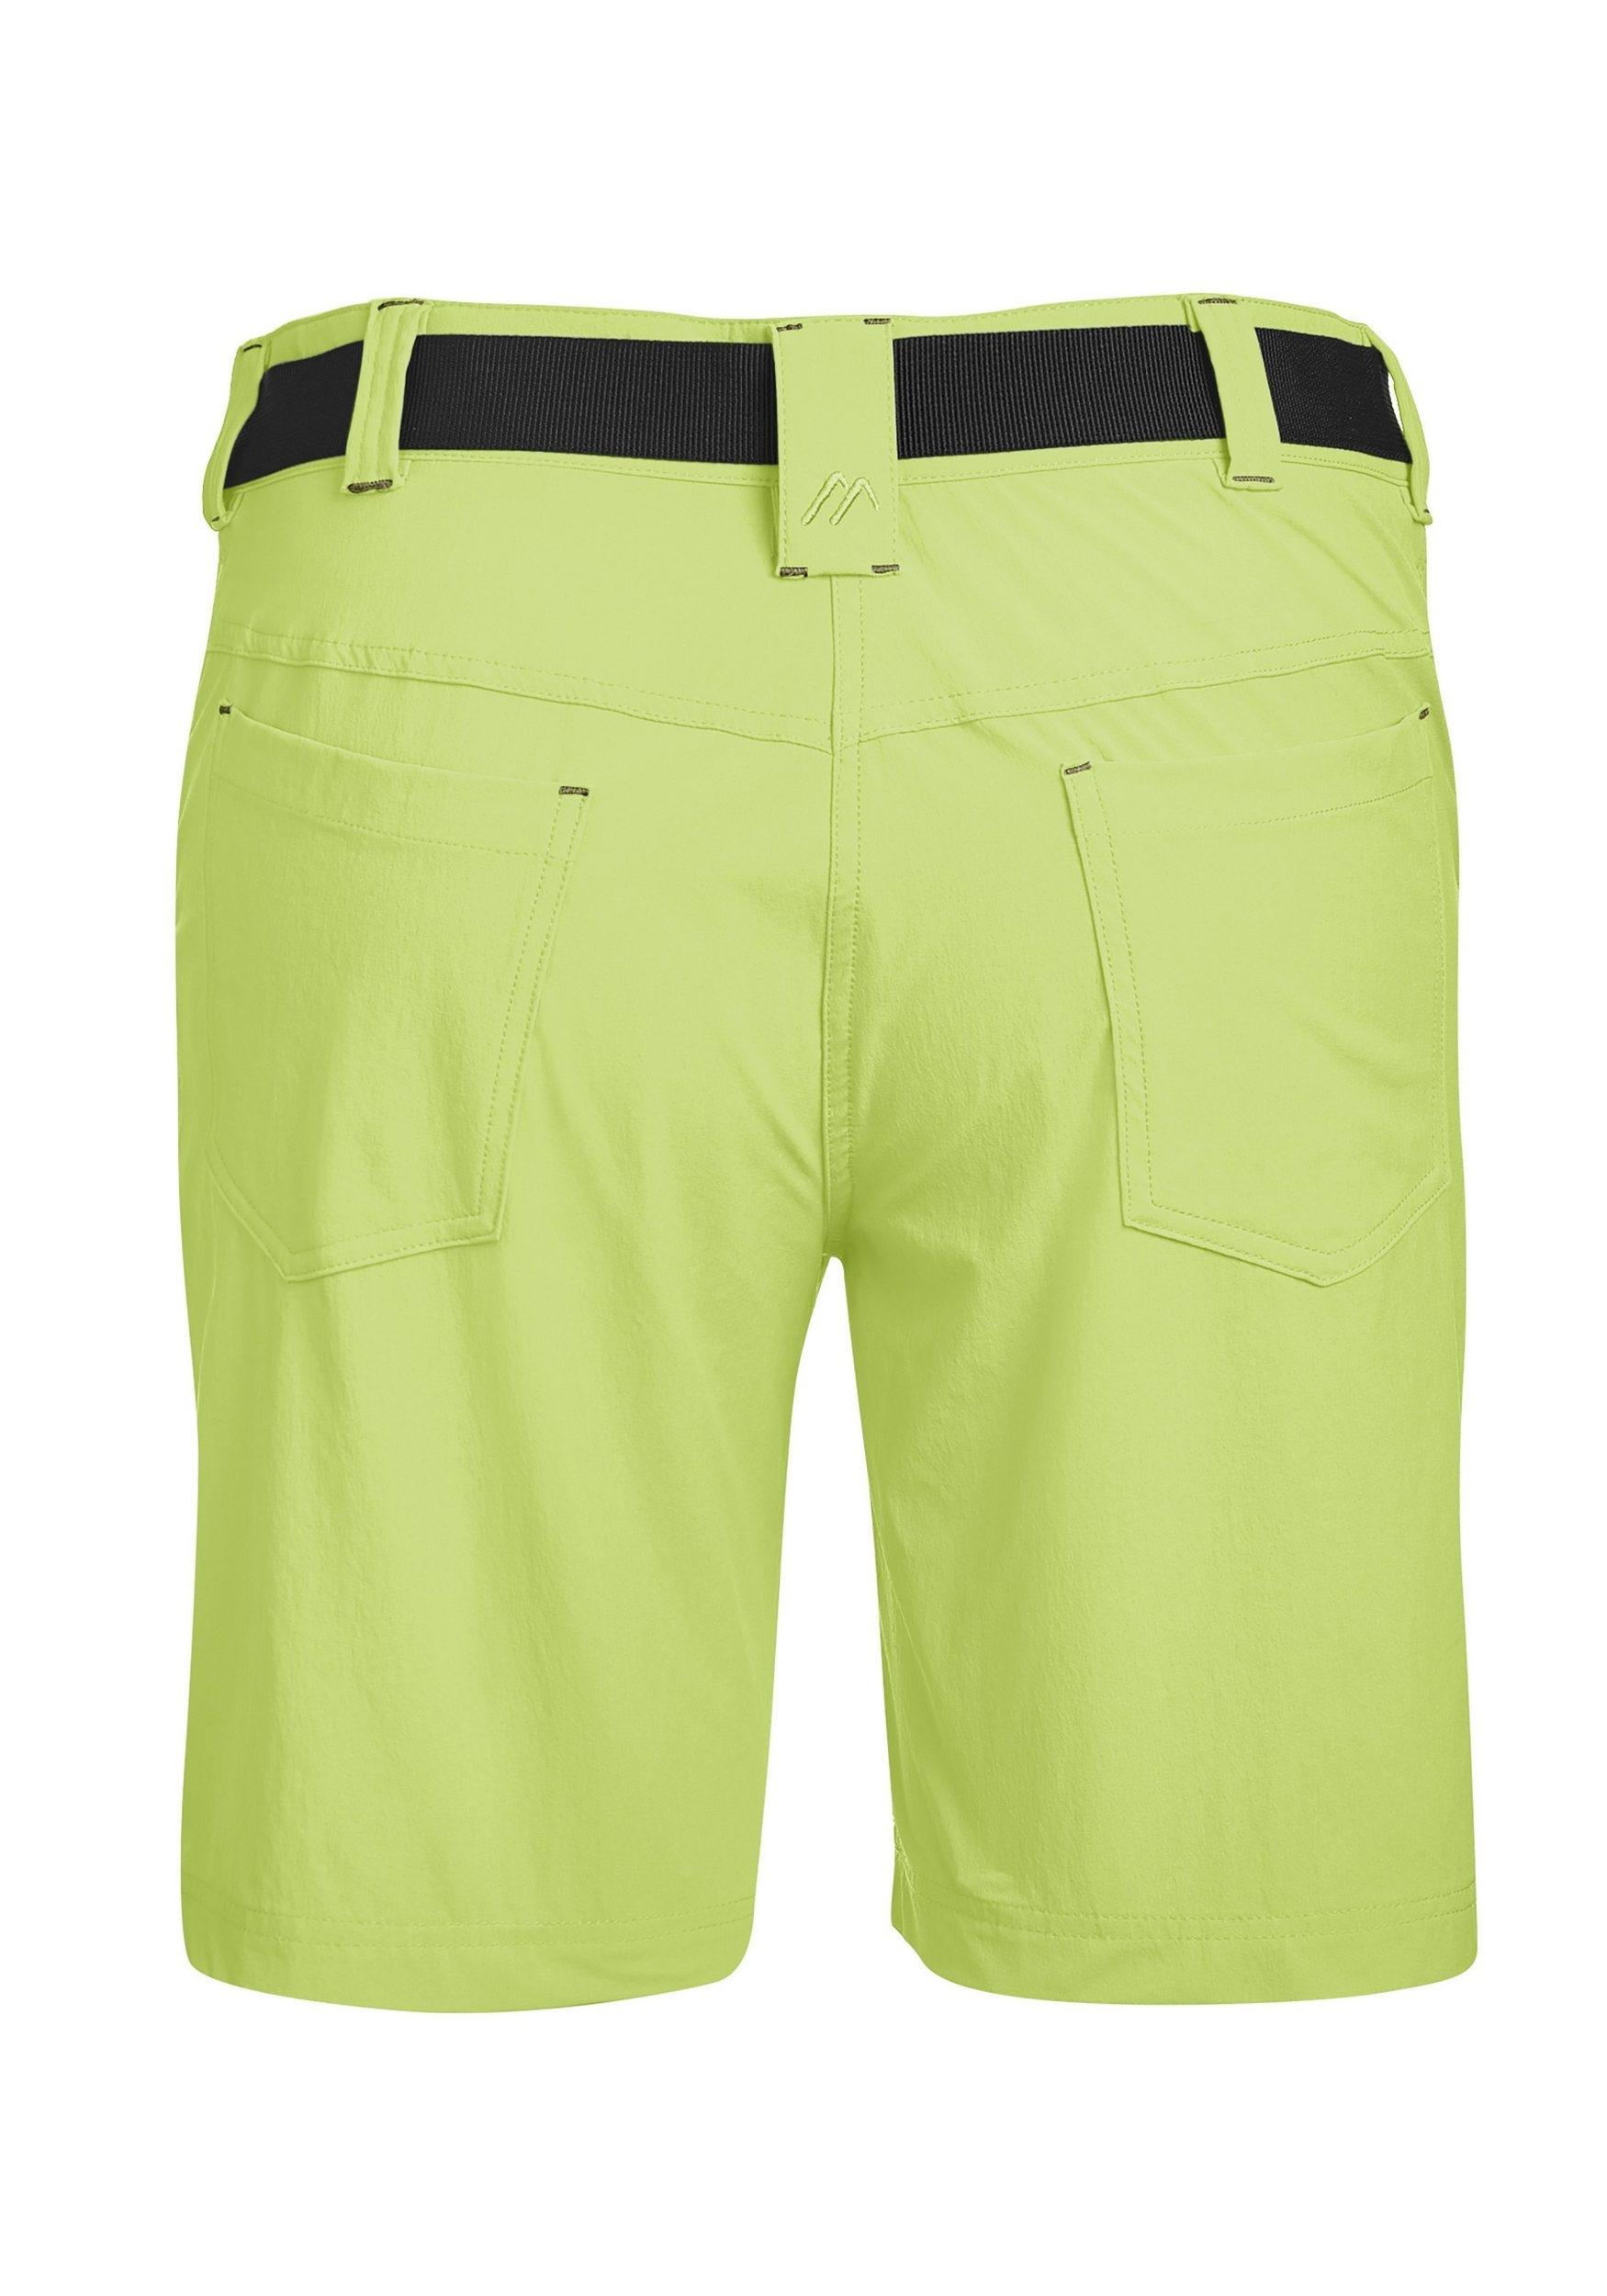 Maier Sports Da. Hose Lulaka Shorts 230010 grün